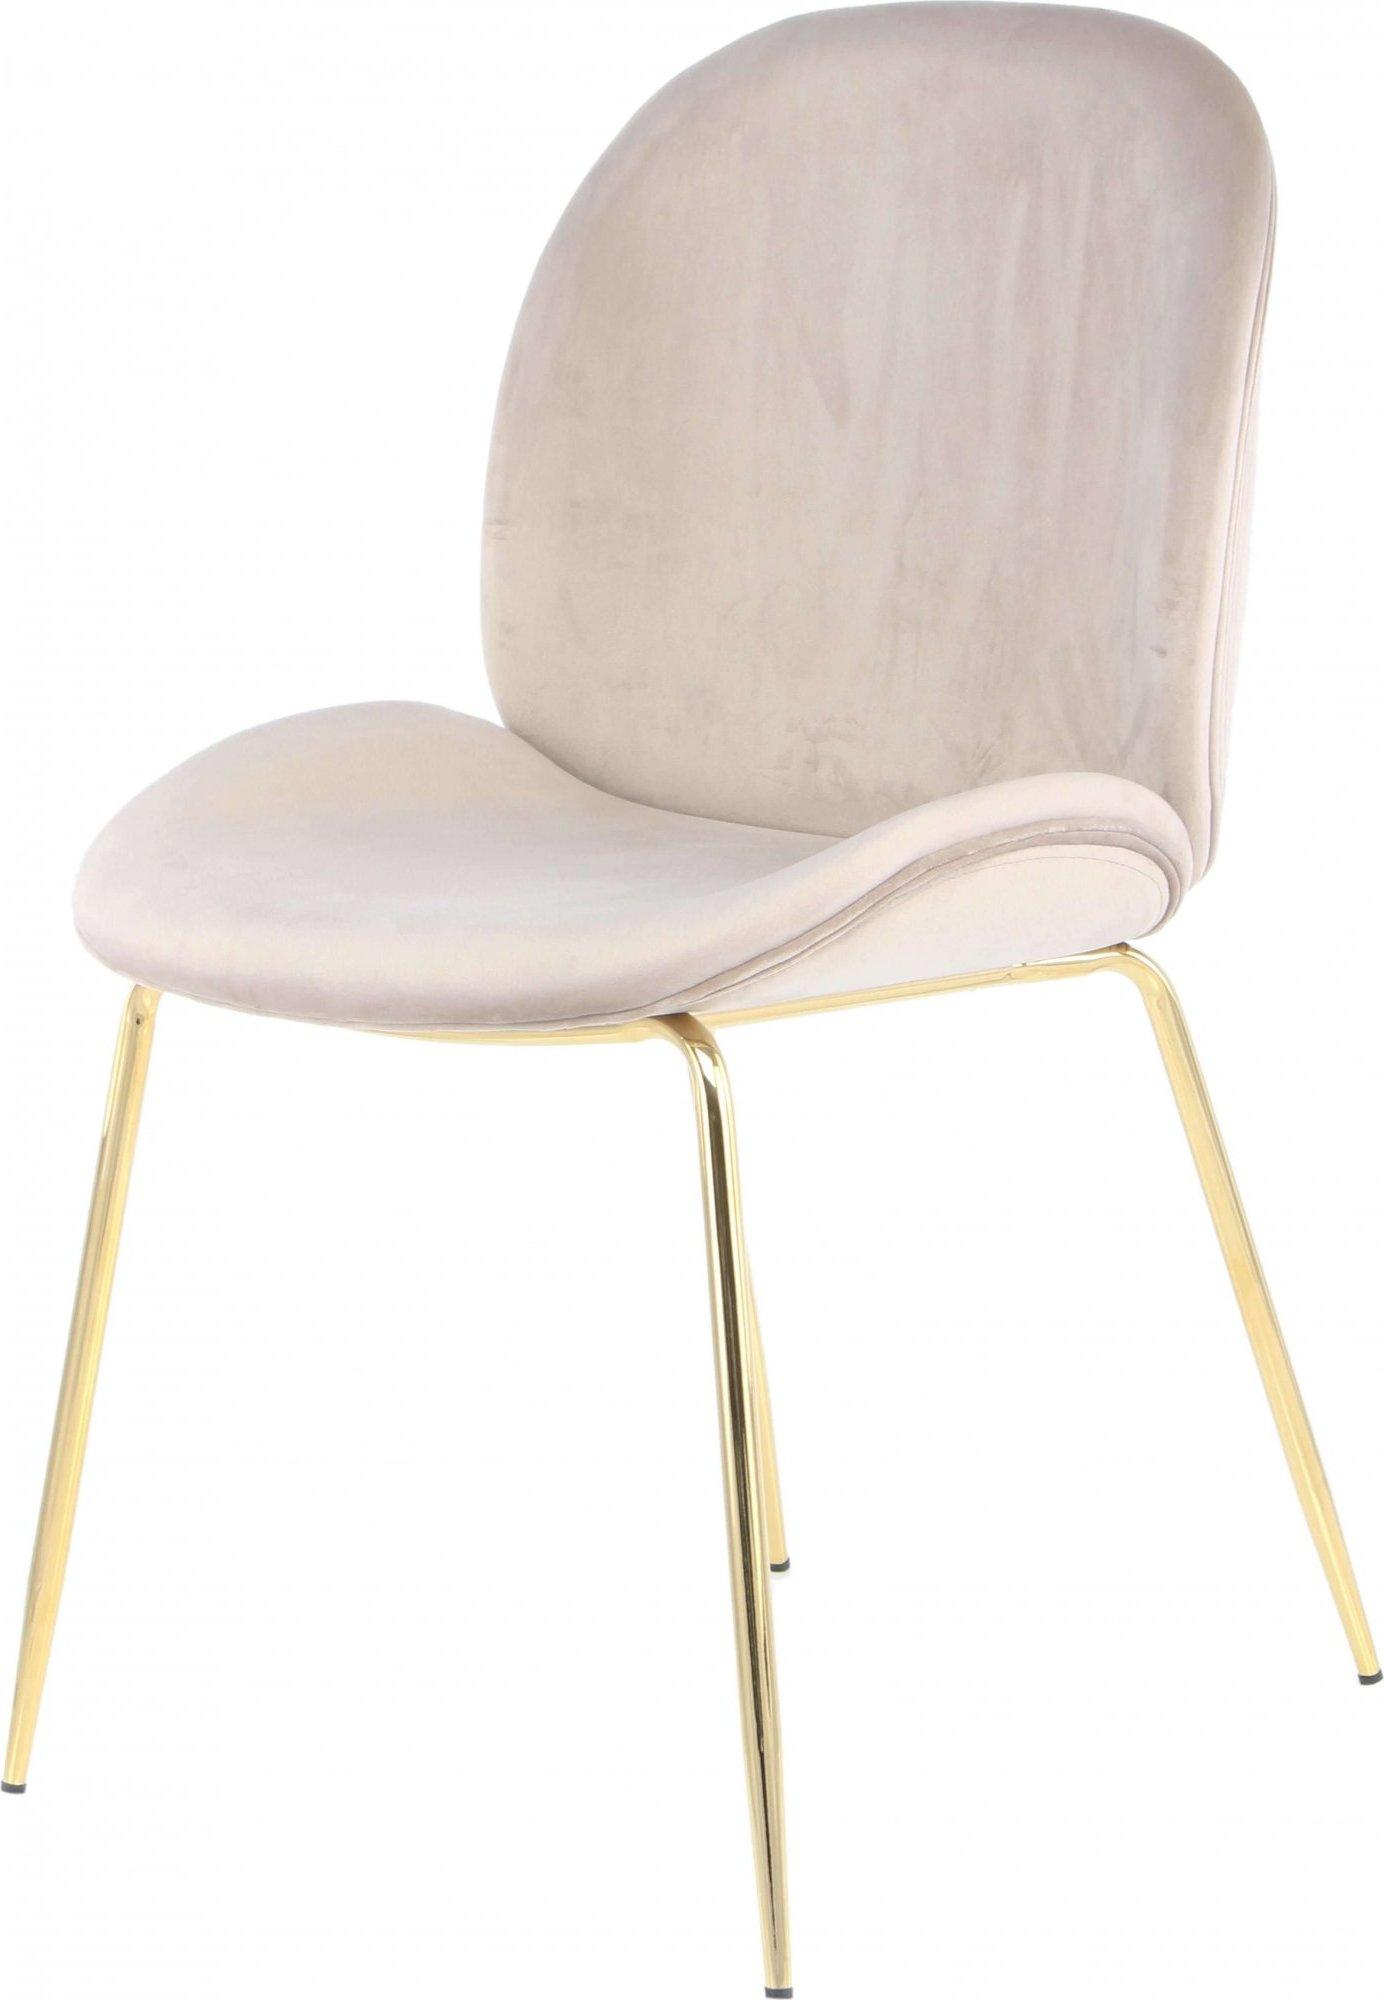 maison du monde Chaise rembourrée assise beige clair pieds doré (lot de 2)